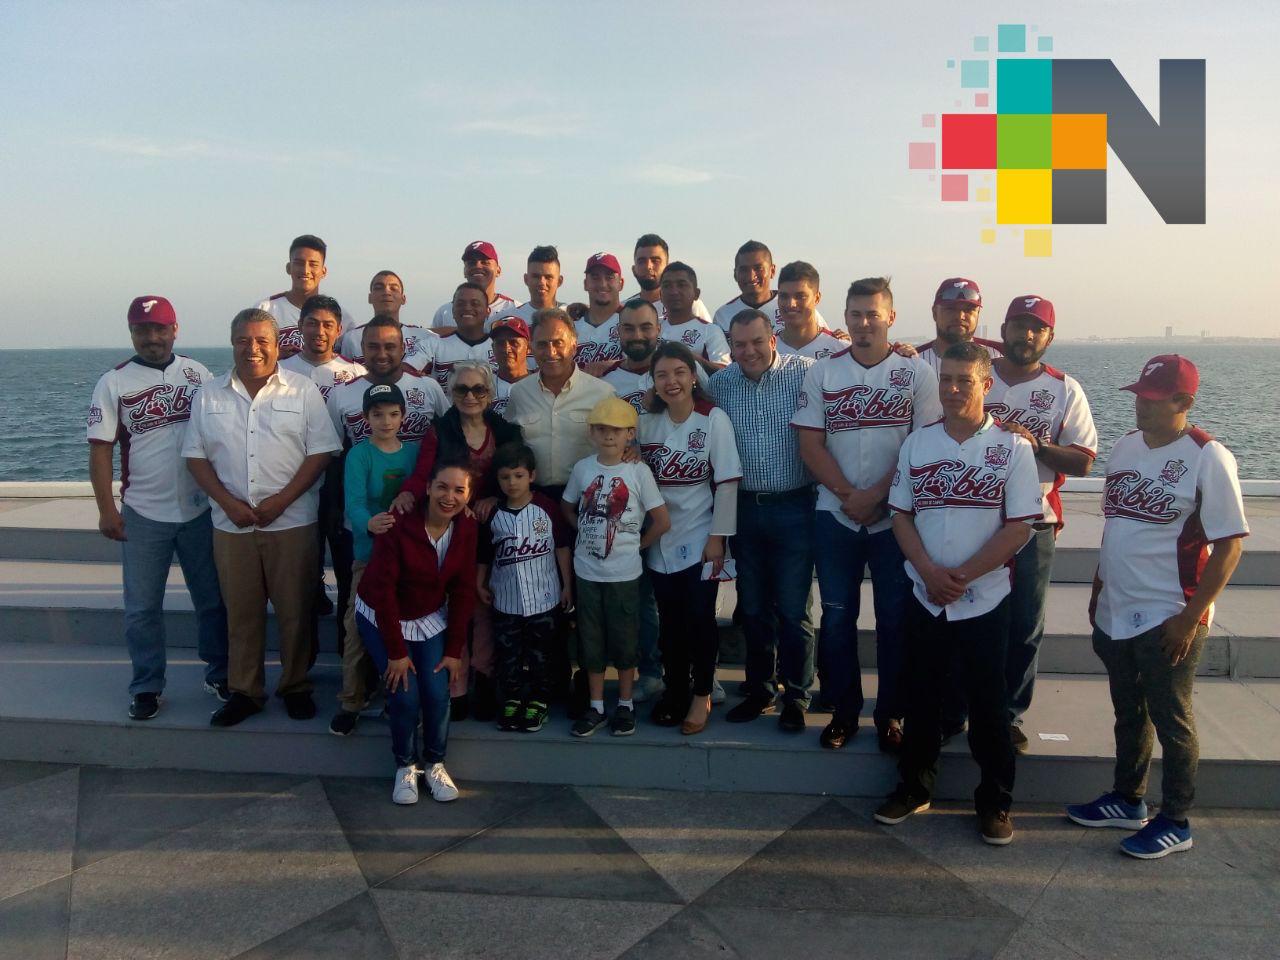 Gobernador del Veracruz abandera al equipo de beisbol Tobis de Acayucan